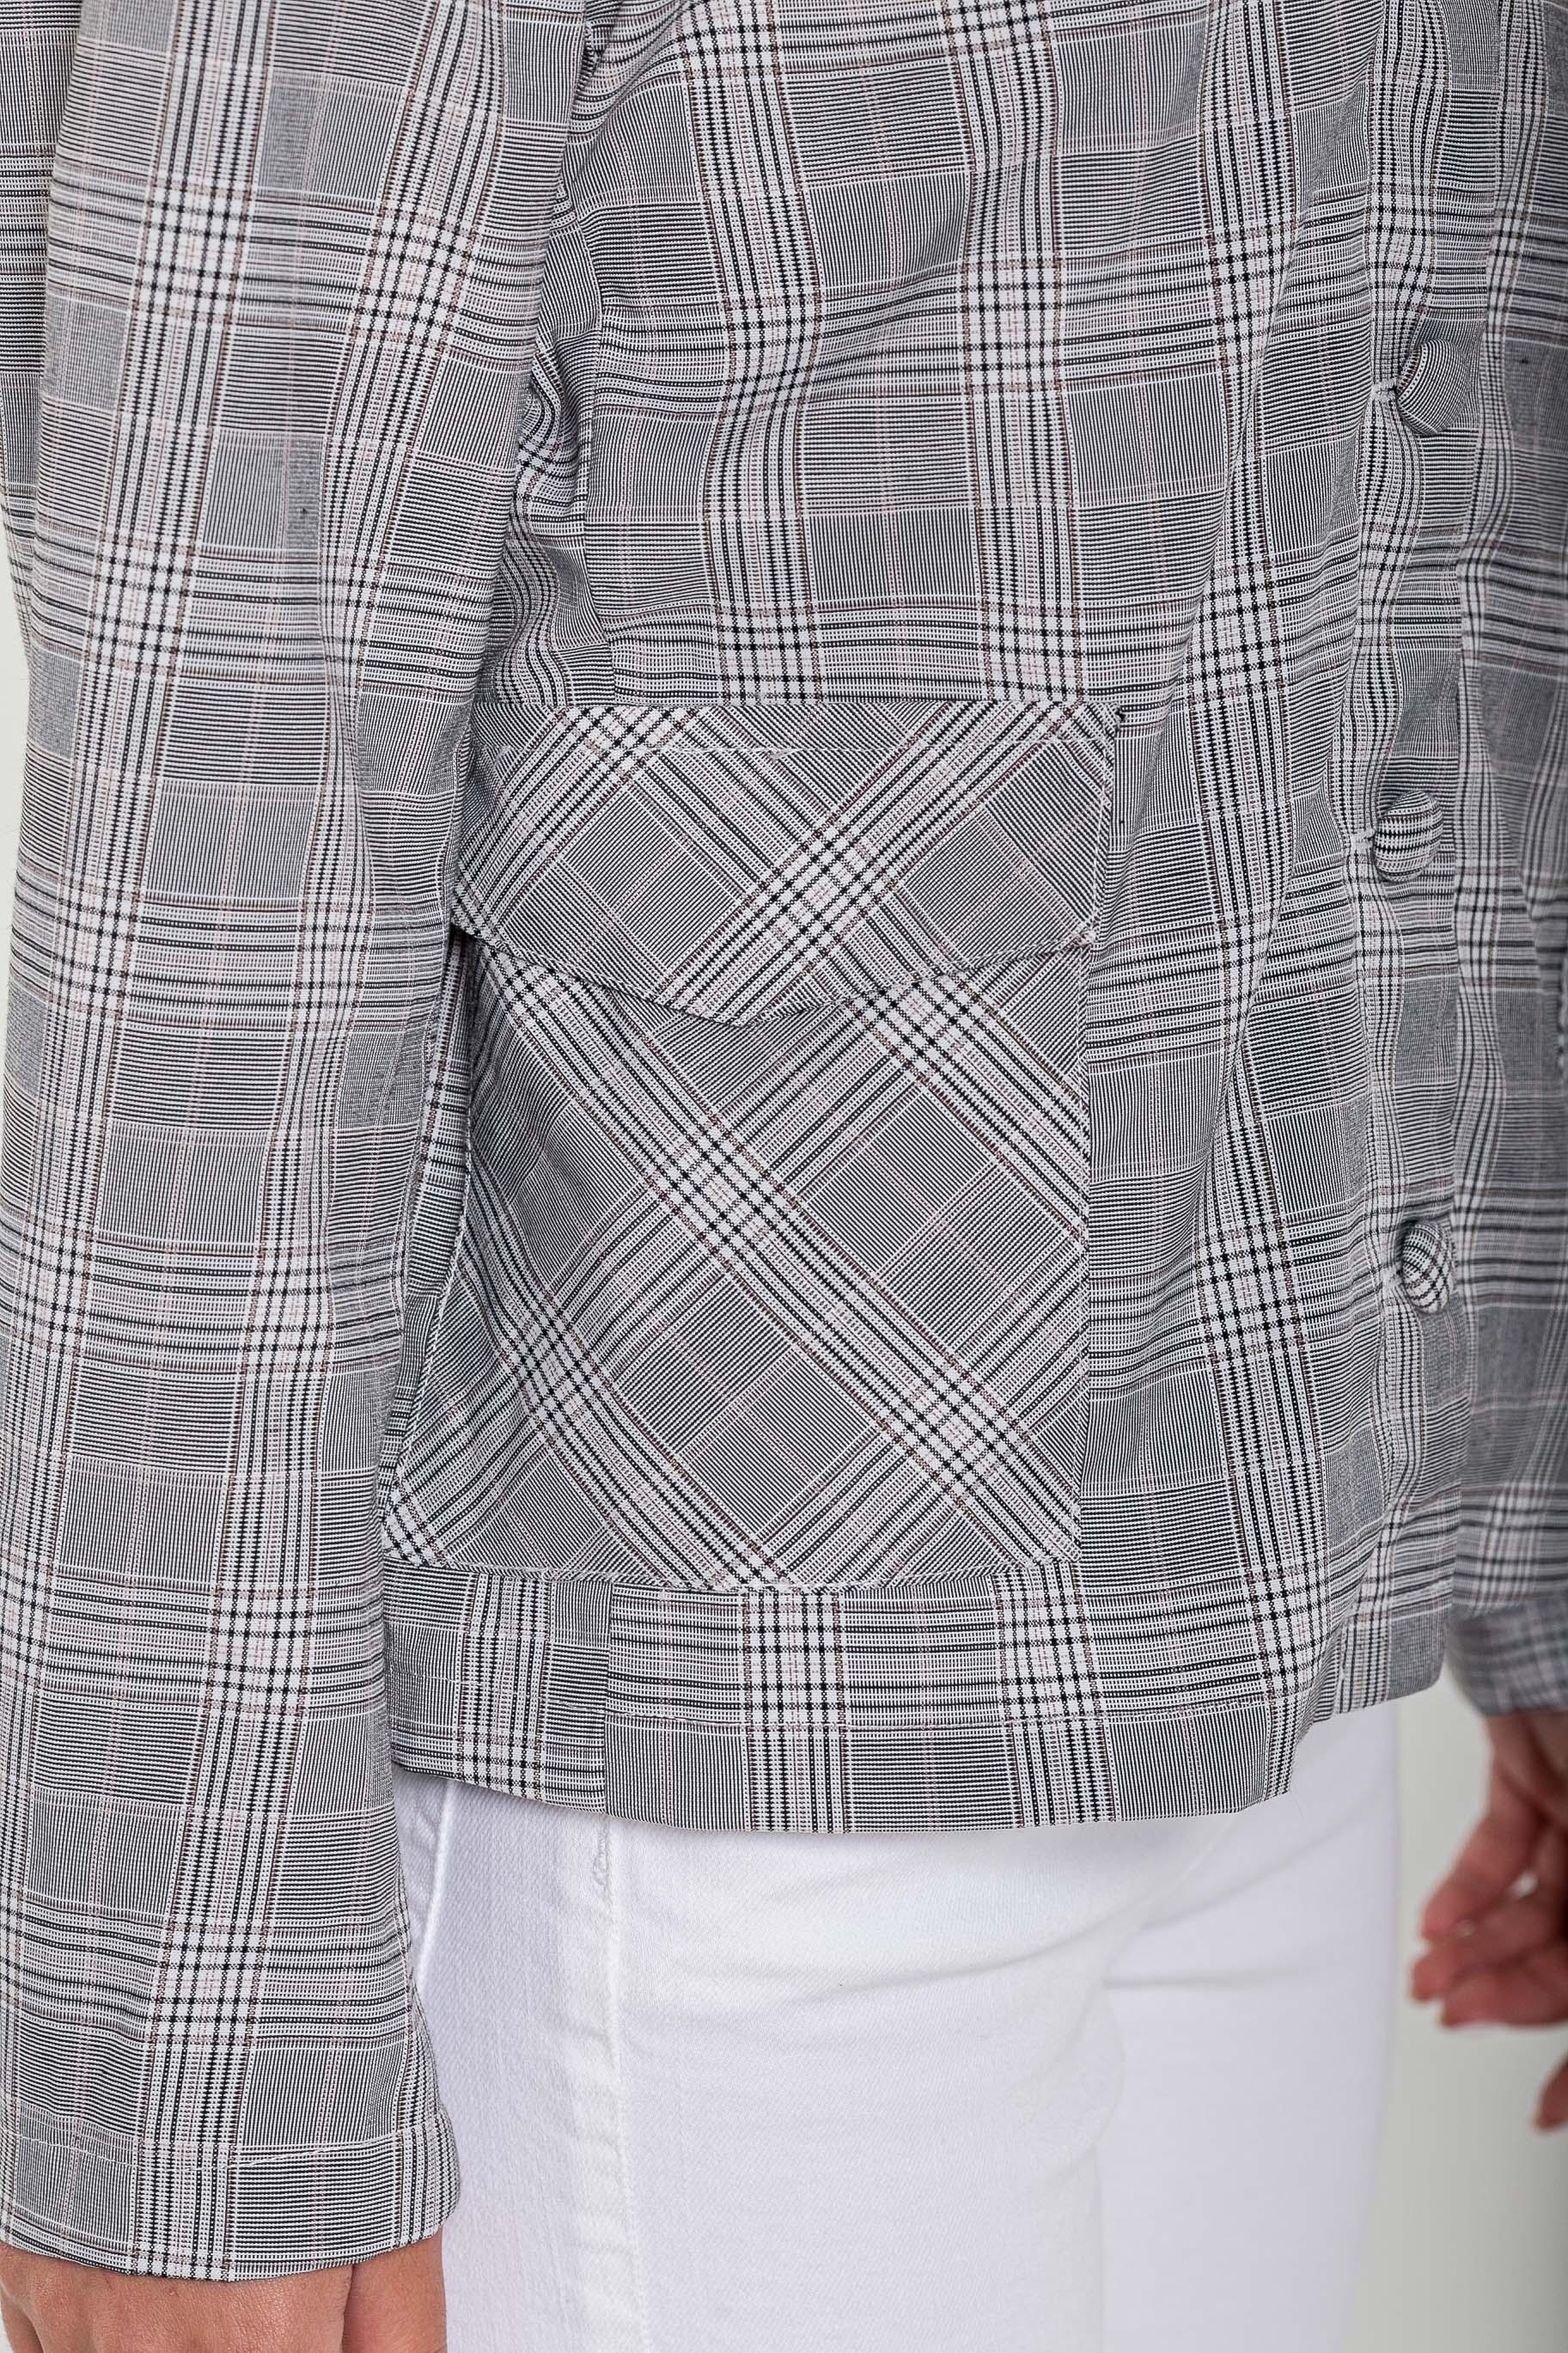 Пиджак PIECES Casual (3215) photo 2